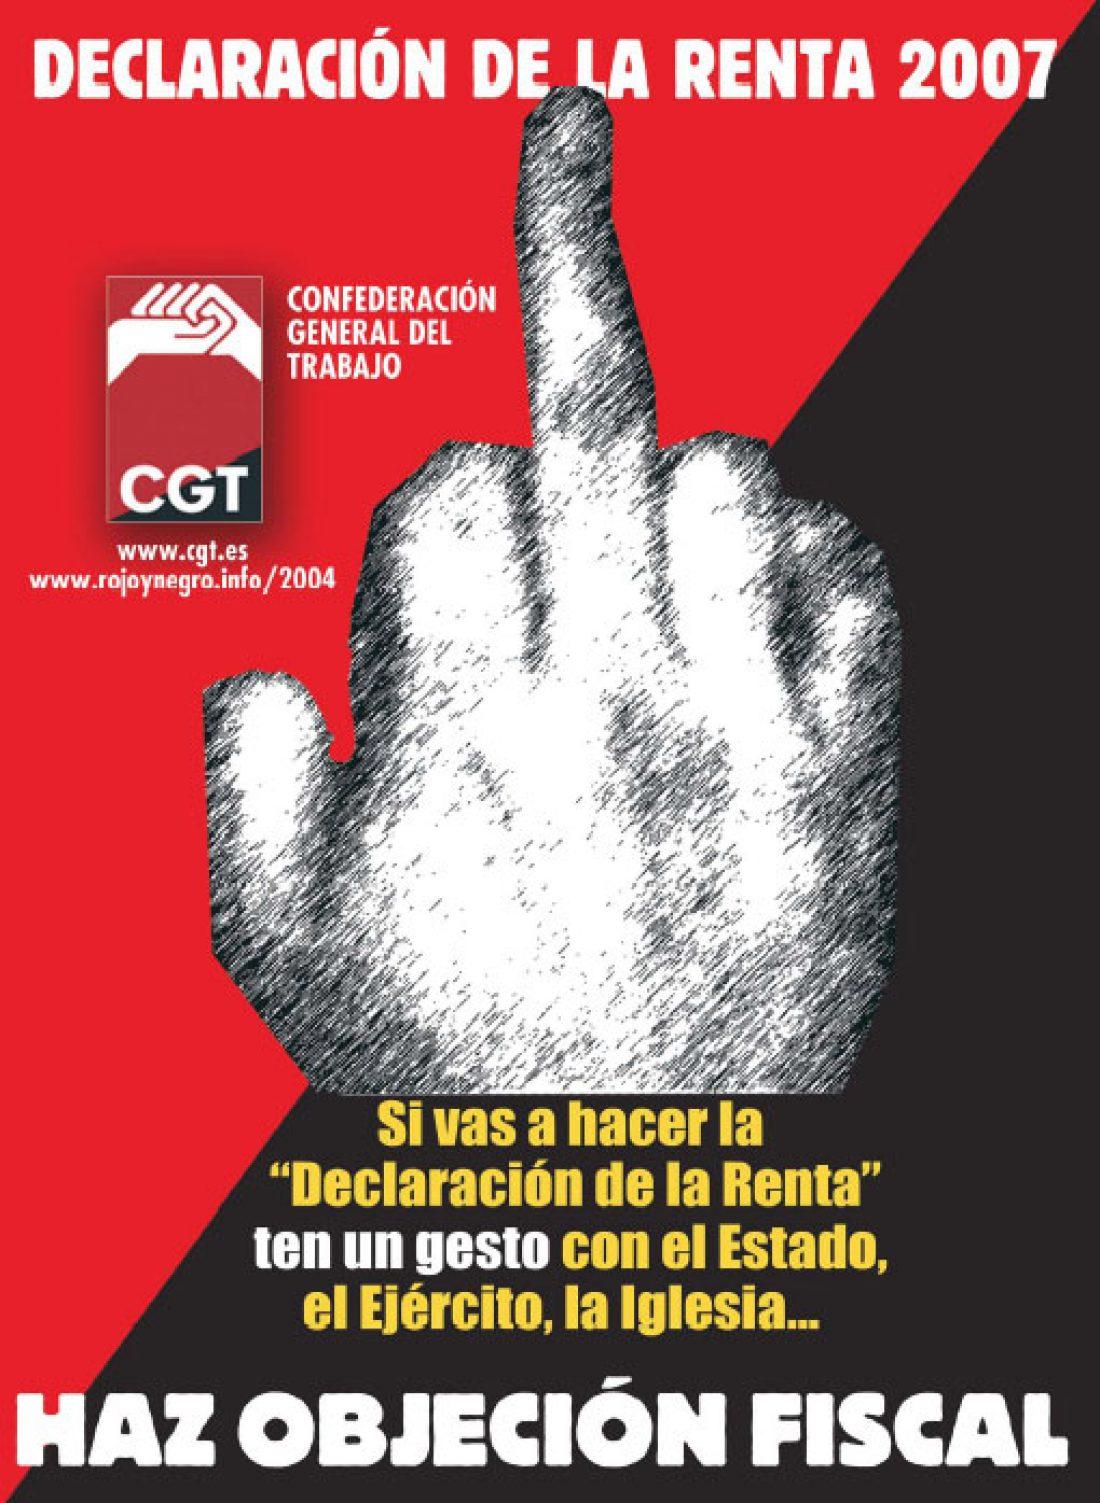 Cartel Objeción Fiscal 2007 CGT